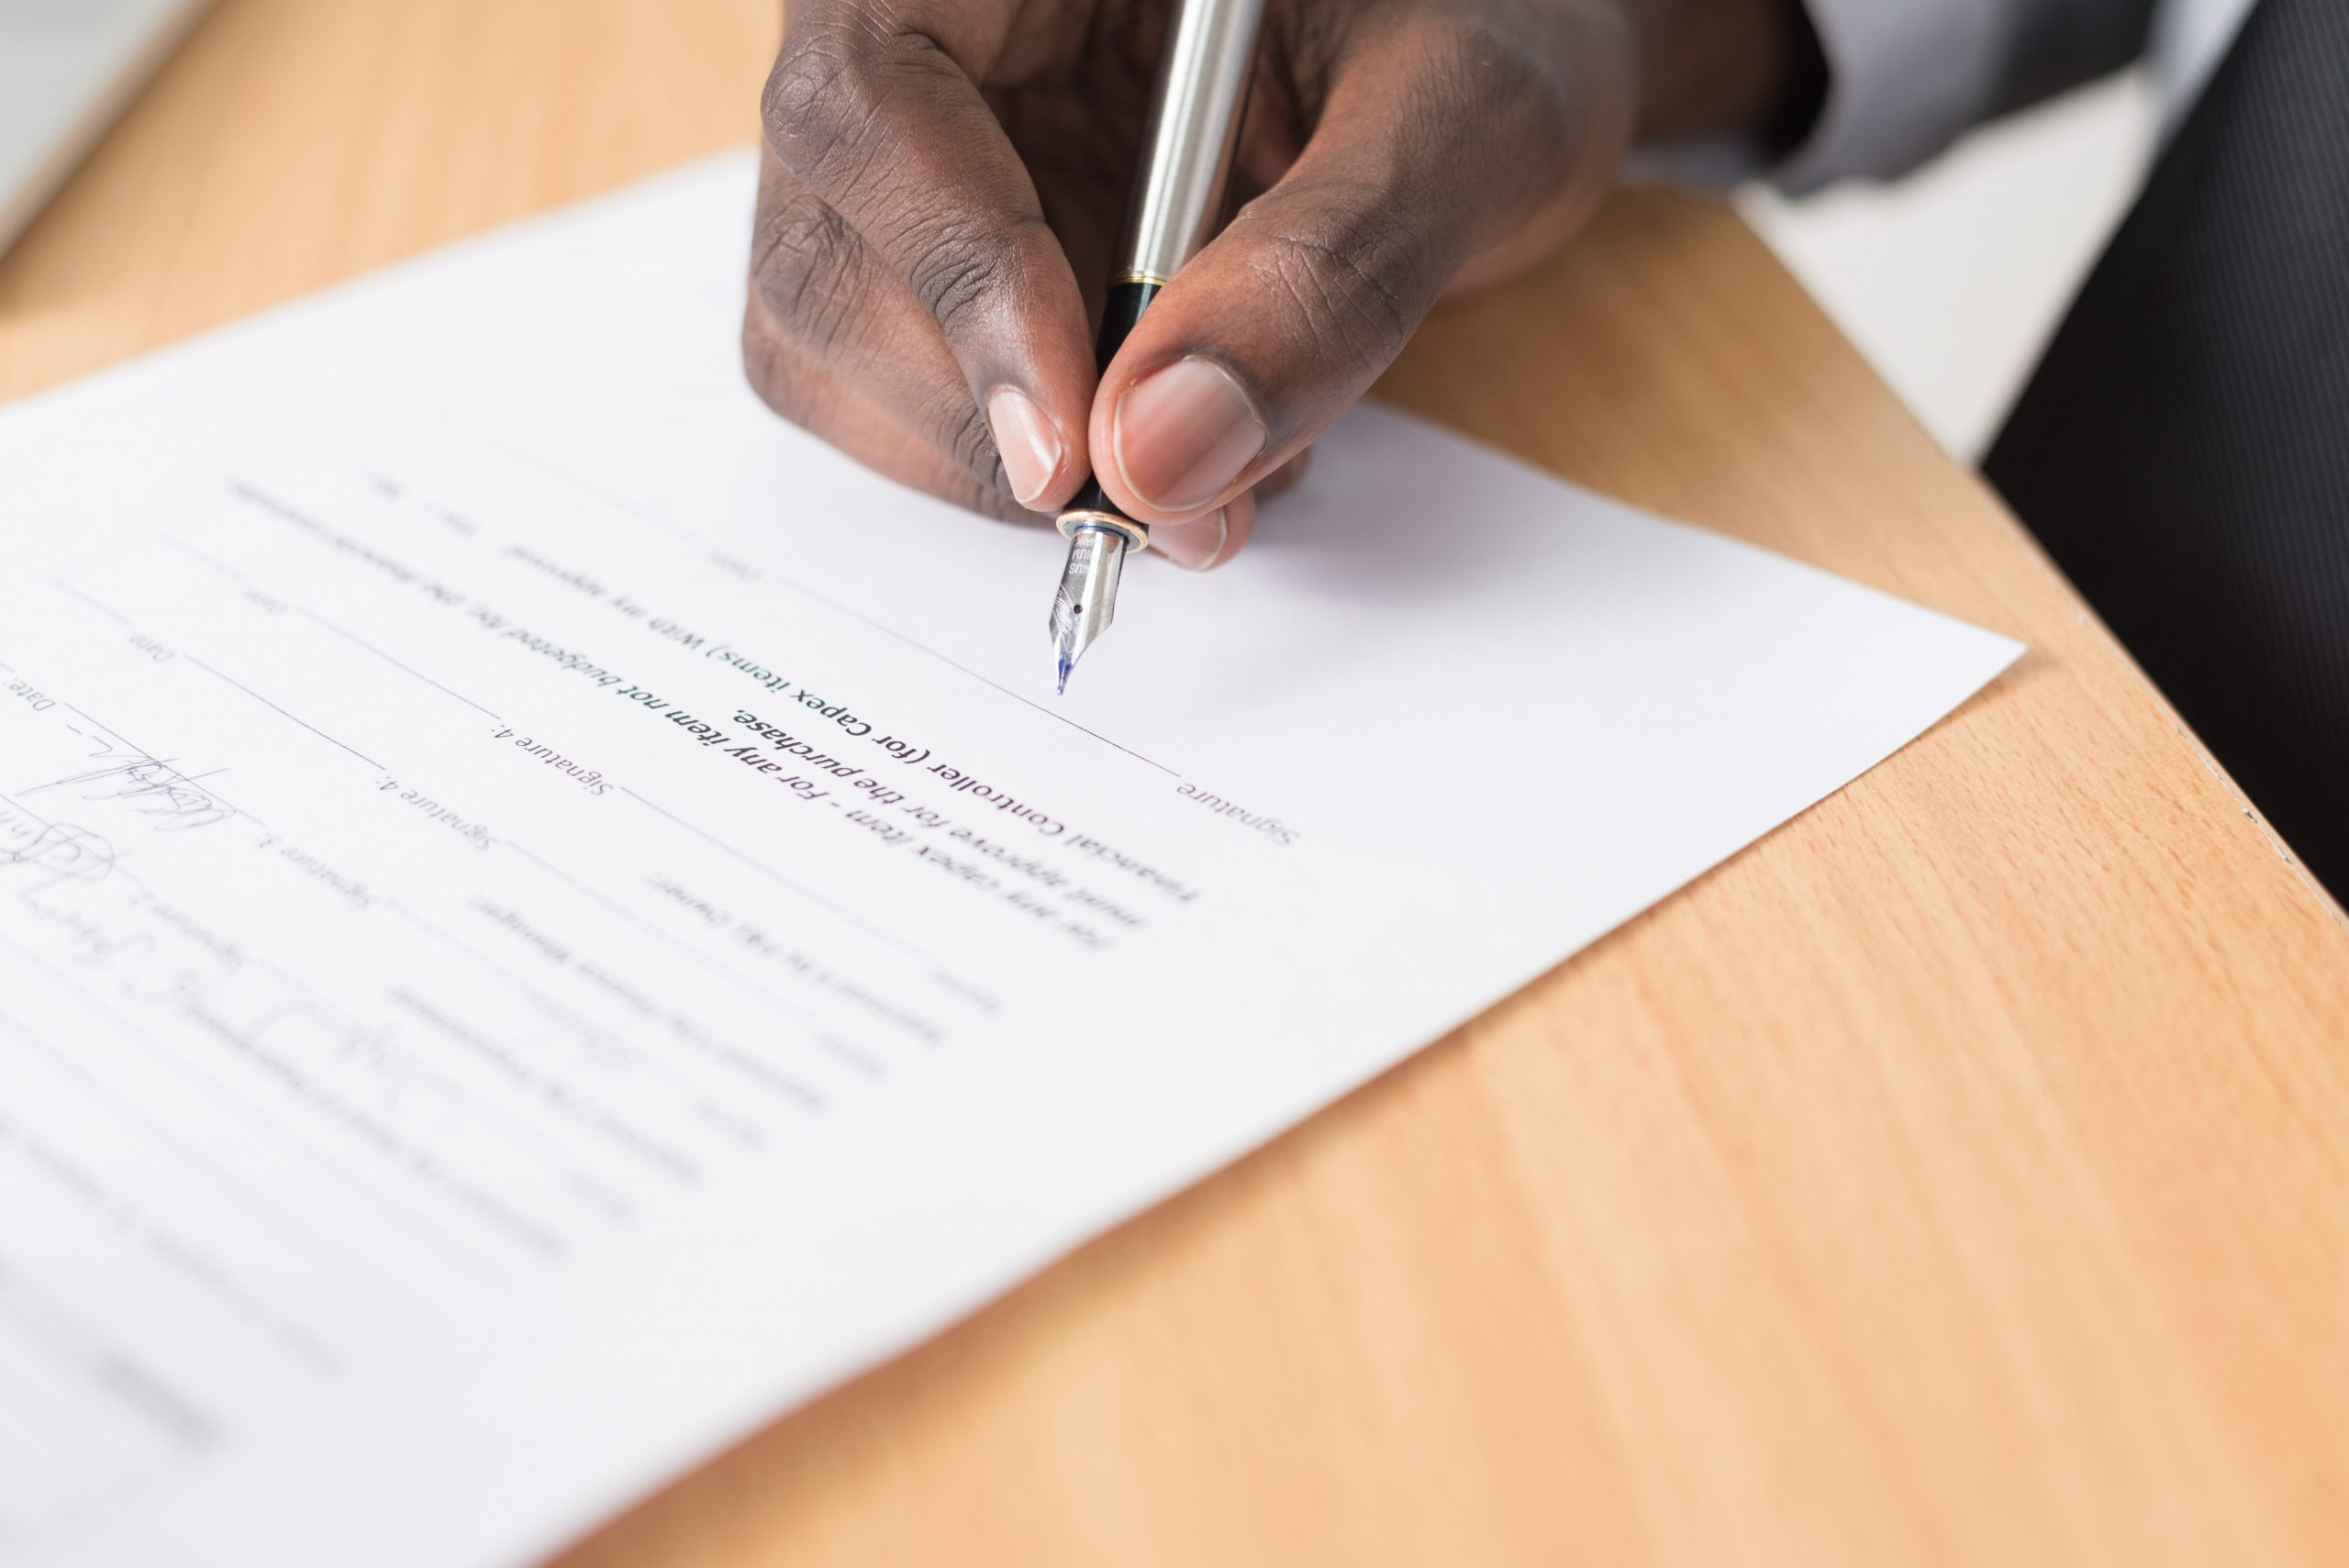 Signer le compromis de vente